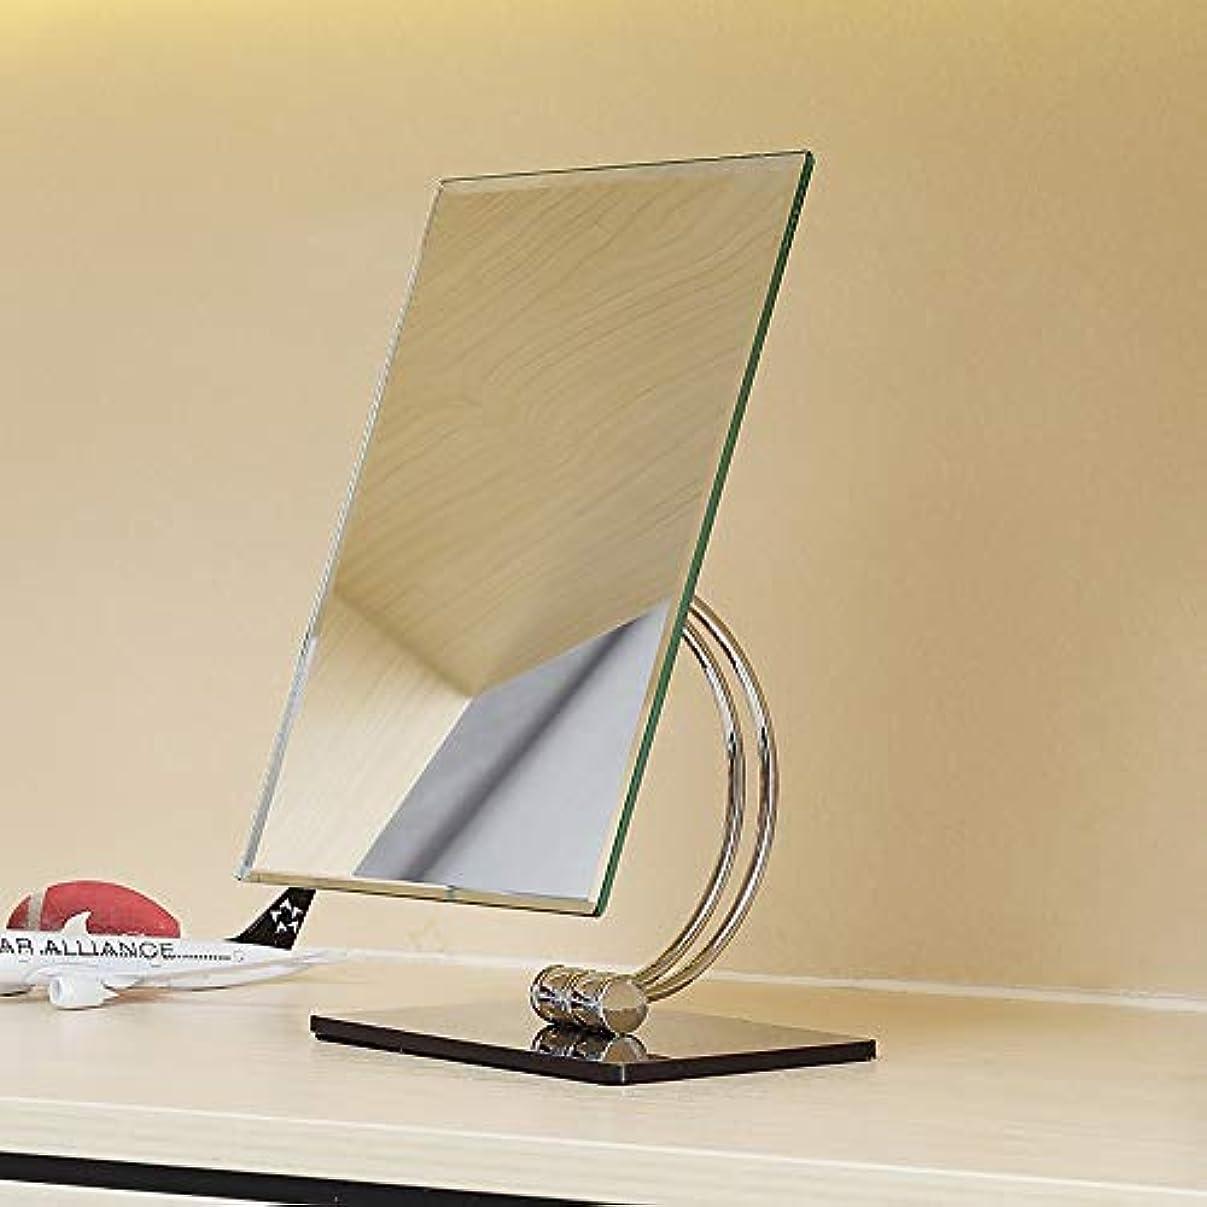 変動する熱意影響流行の スクエア片面HDステンレススチールシルバーミラー+ ABSプラスチックシェル化粧鏡ホームバニティミラーカウンターミラー